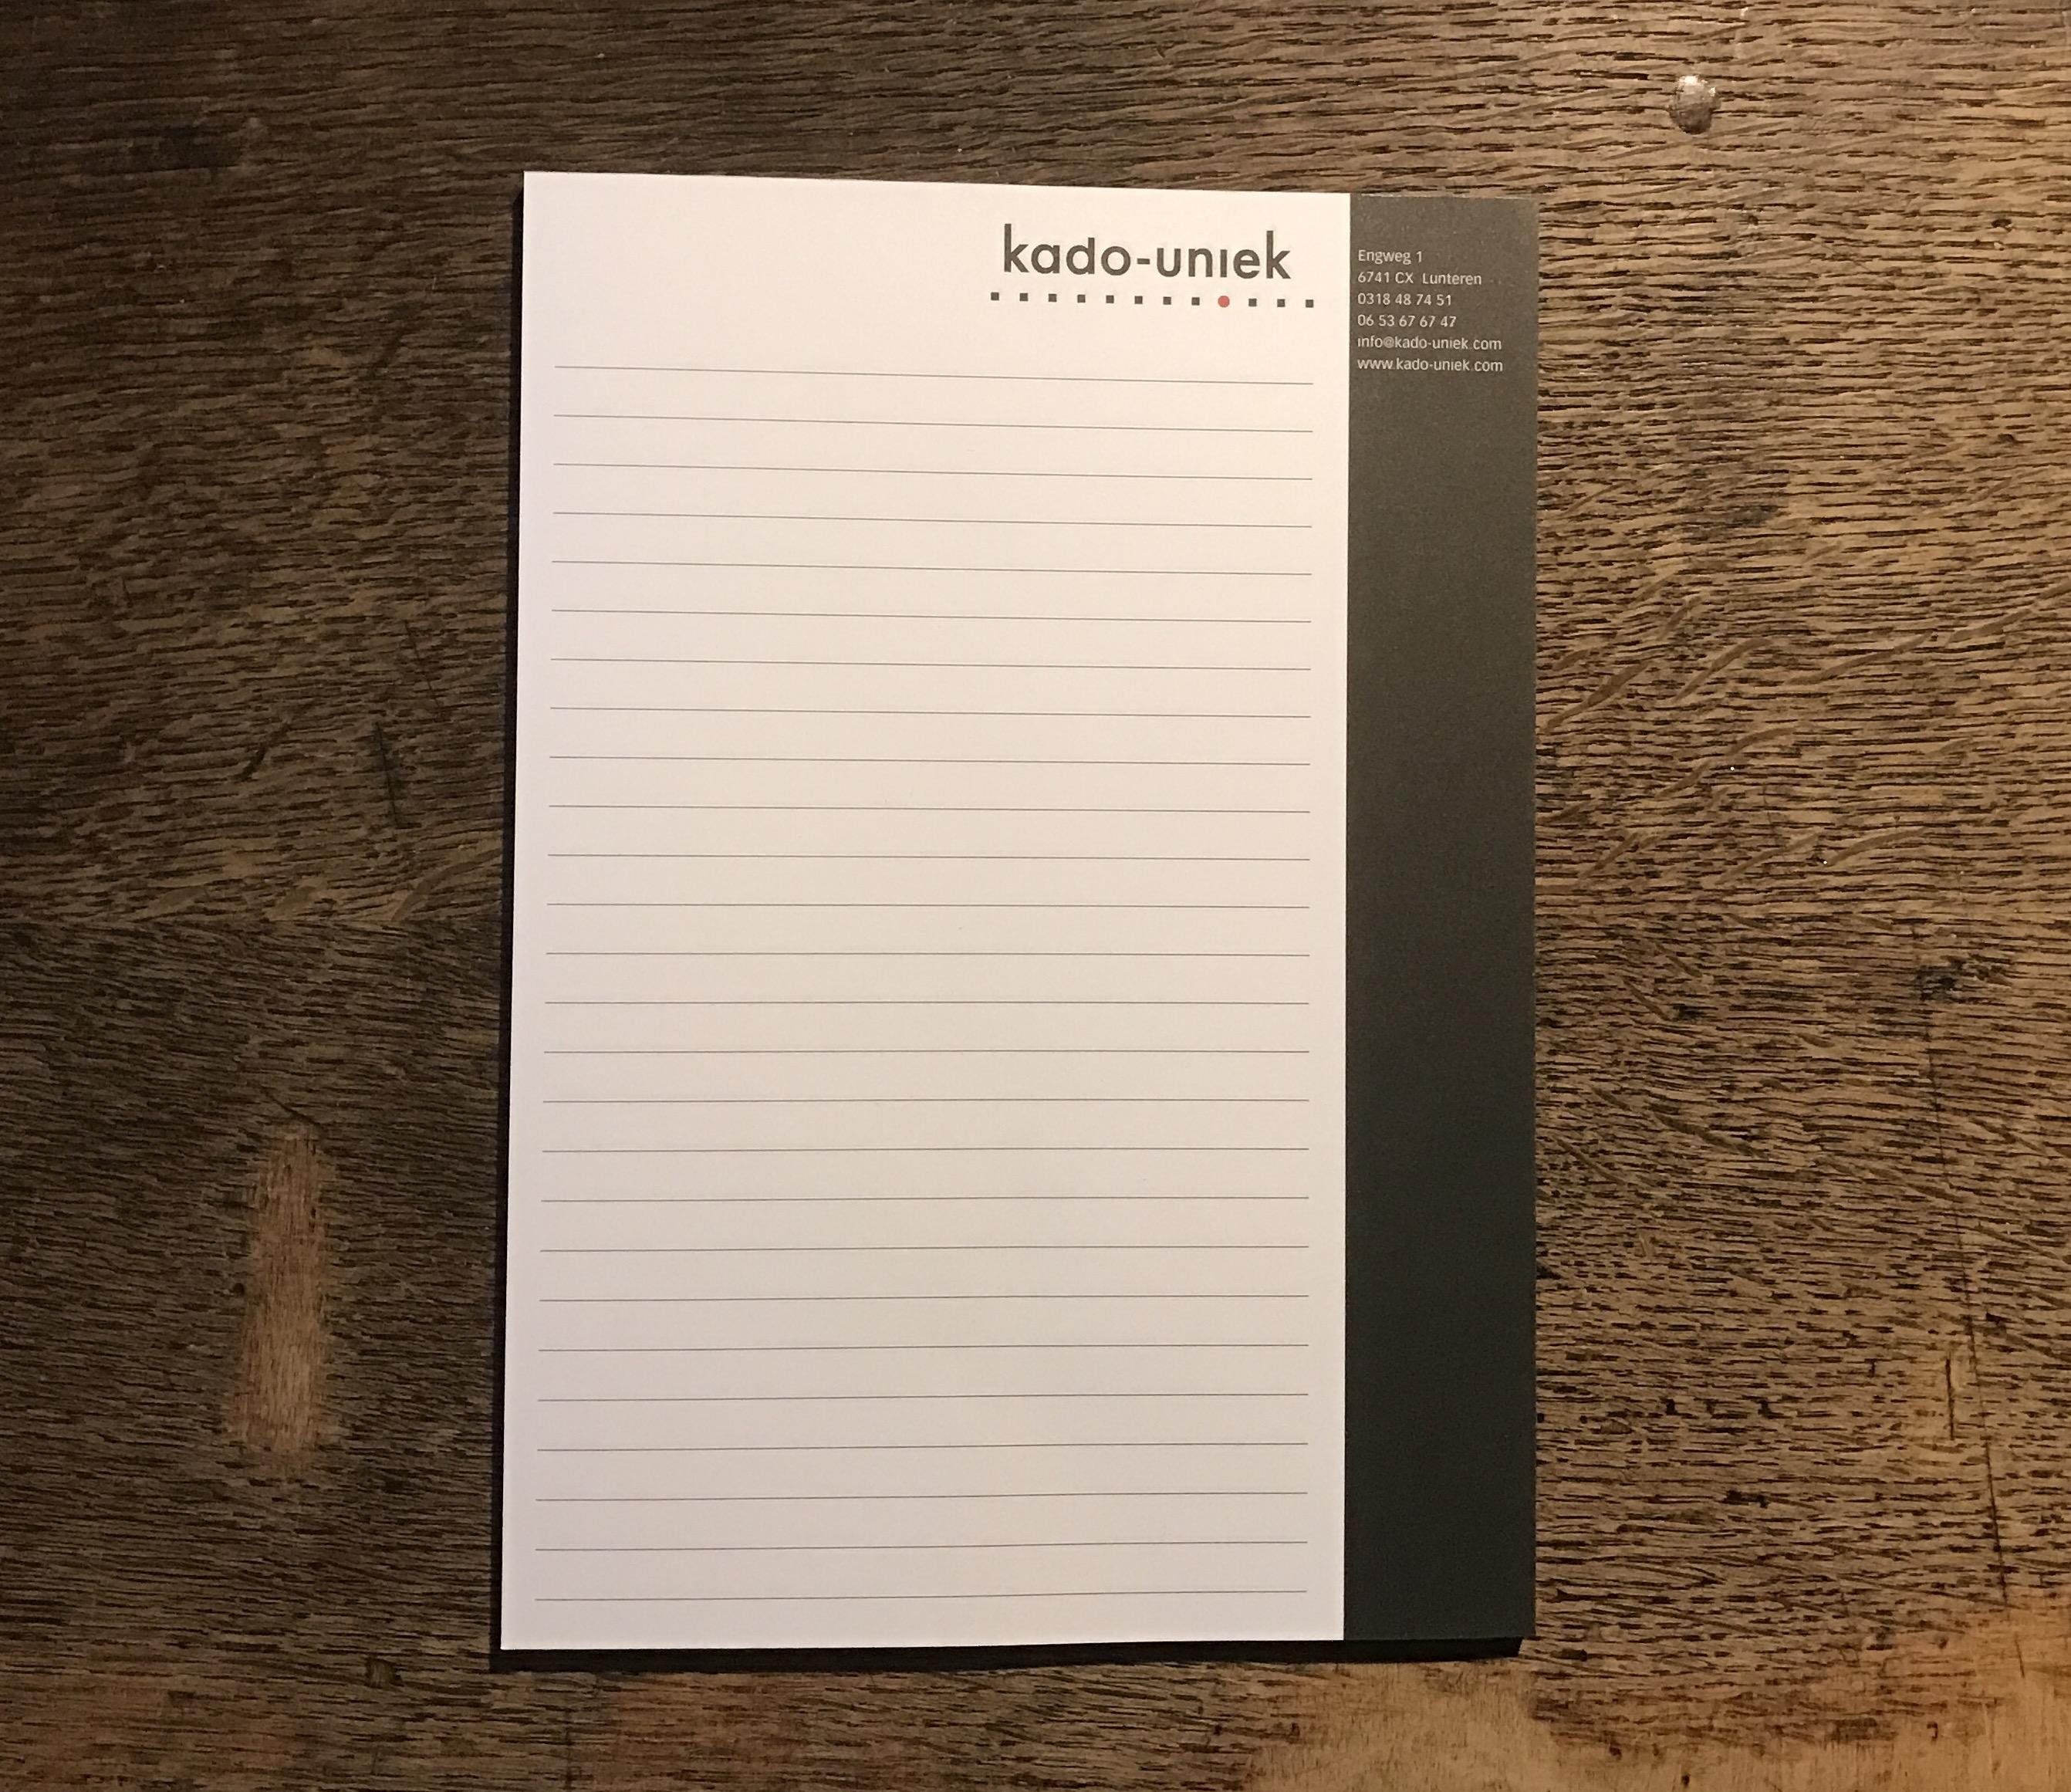 gepersonaliseerd notitieblok